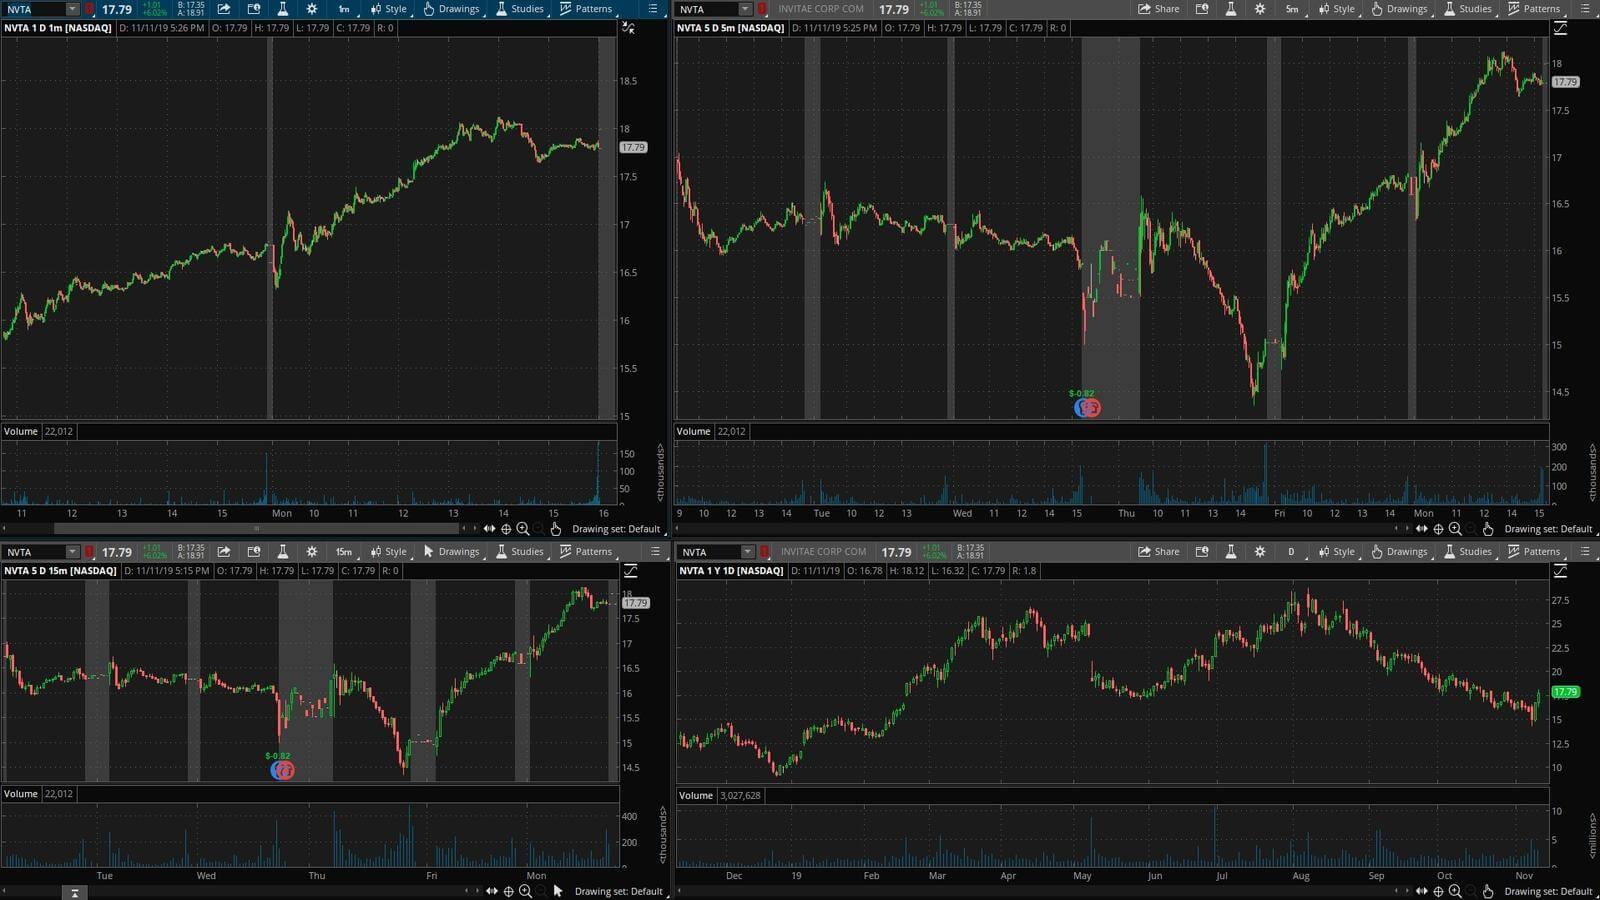 NVTA - график акции на фондовой бирже